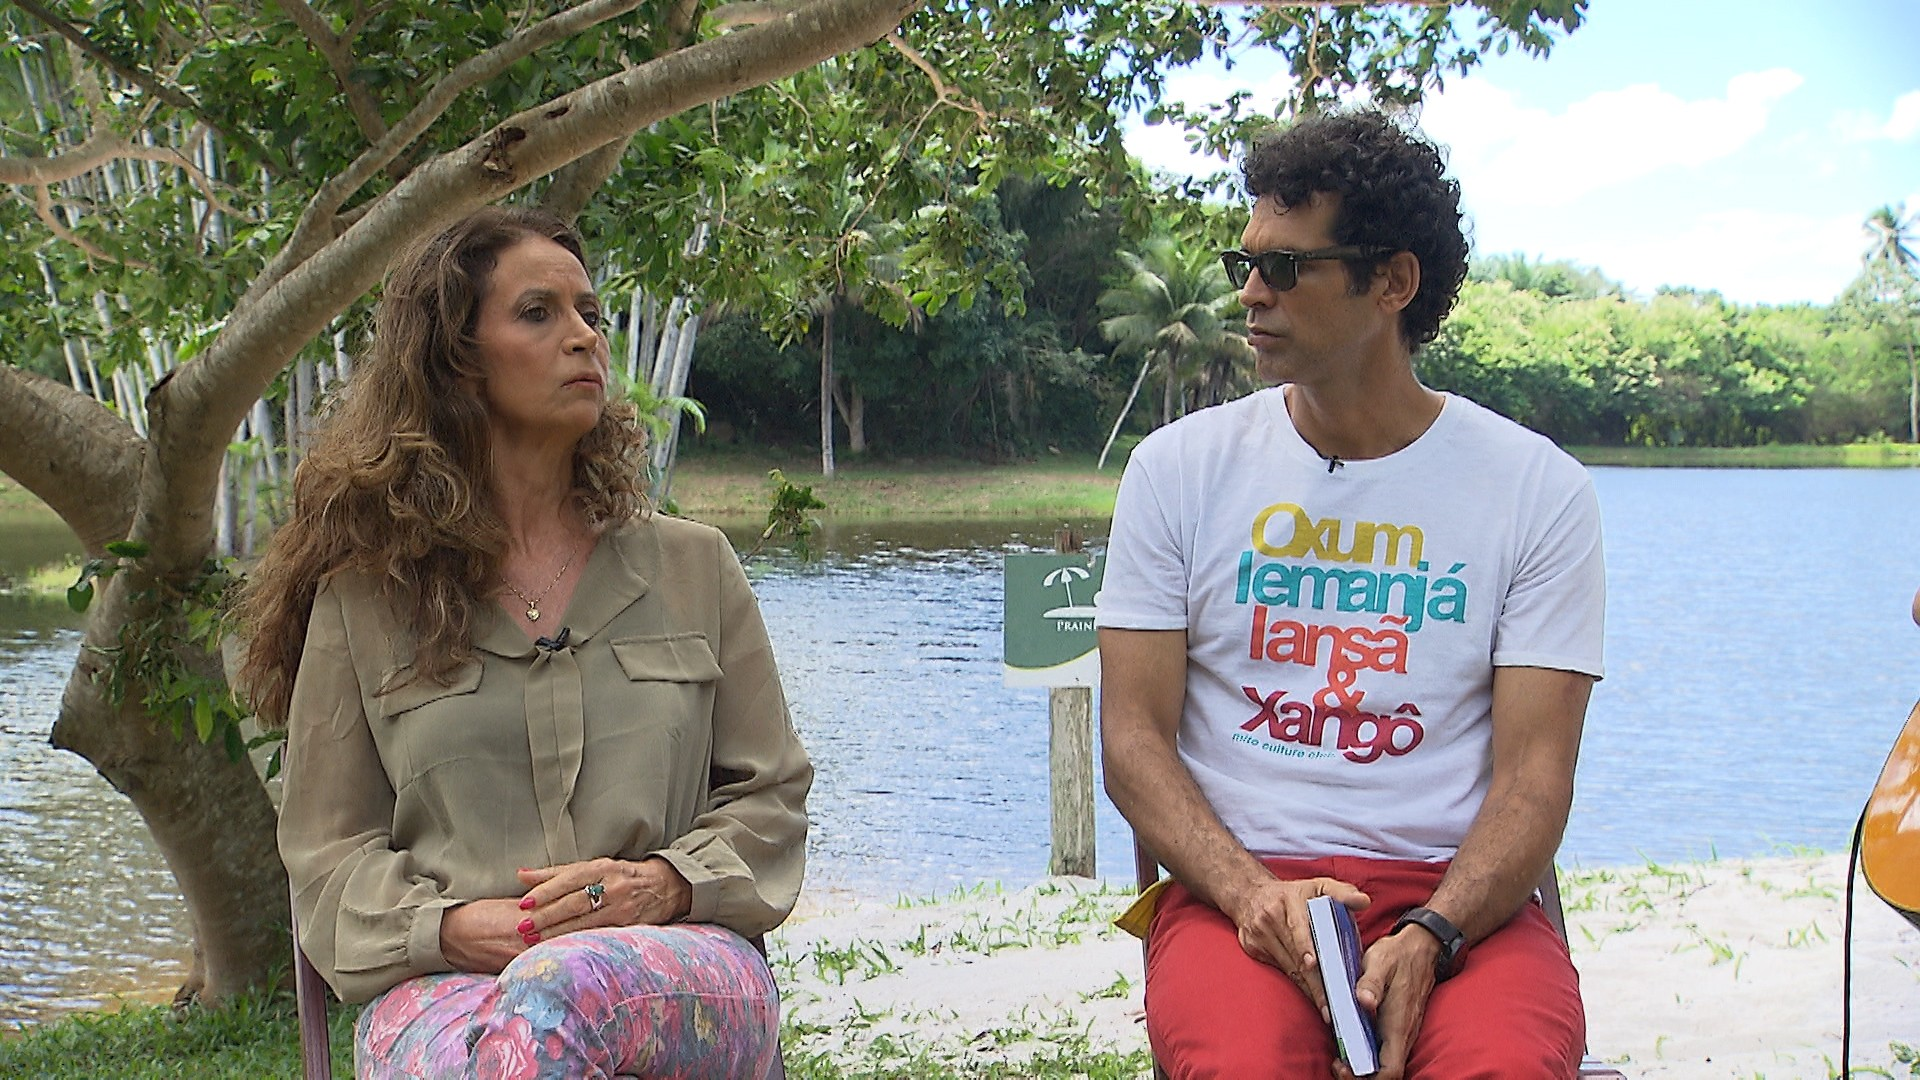 Jackson Costa e Lirandina Gomes (Foto: Divulgação)